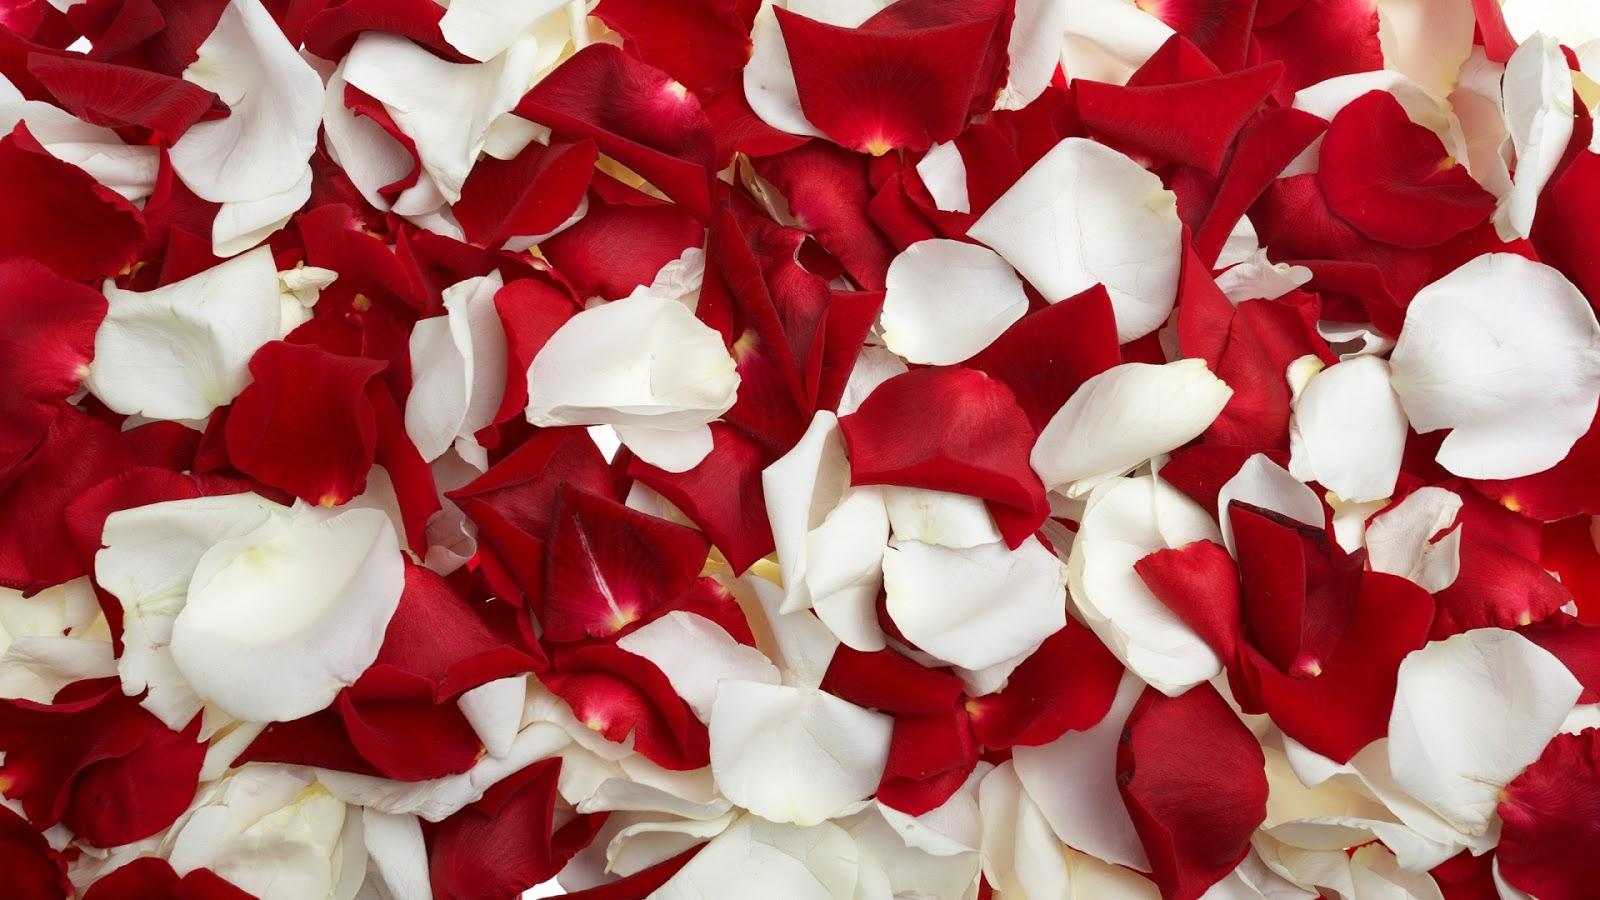 Valentijns achtergrond rozen blaadjes hd wallpapers - Red rose petals wallpaper ...